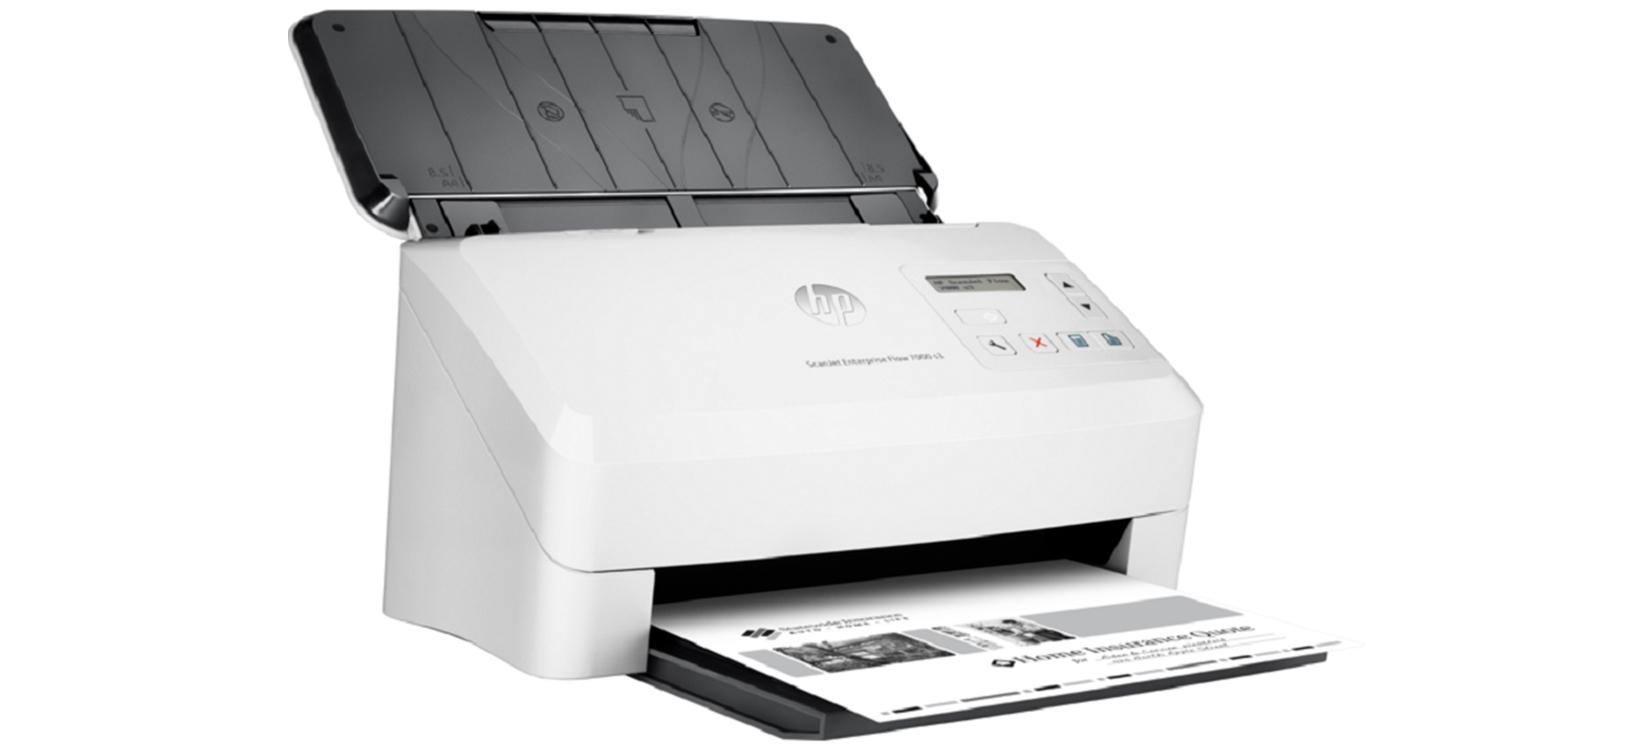 Máy quét HP Digital Sender Flow 8500 fn2 6